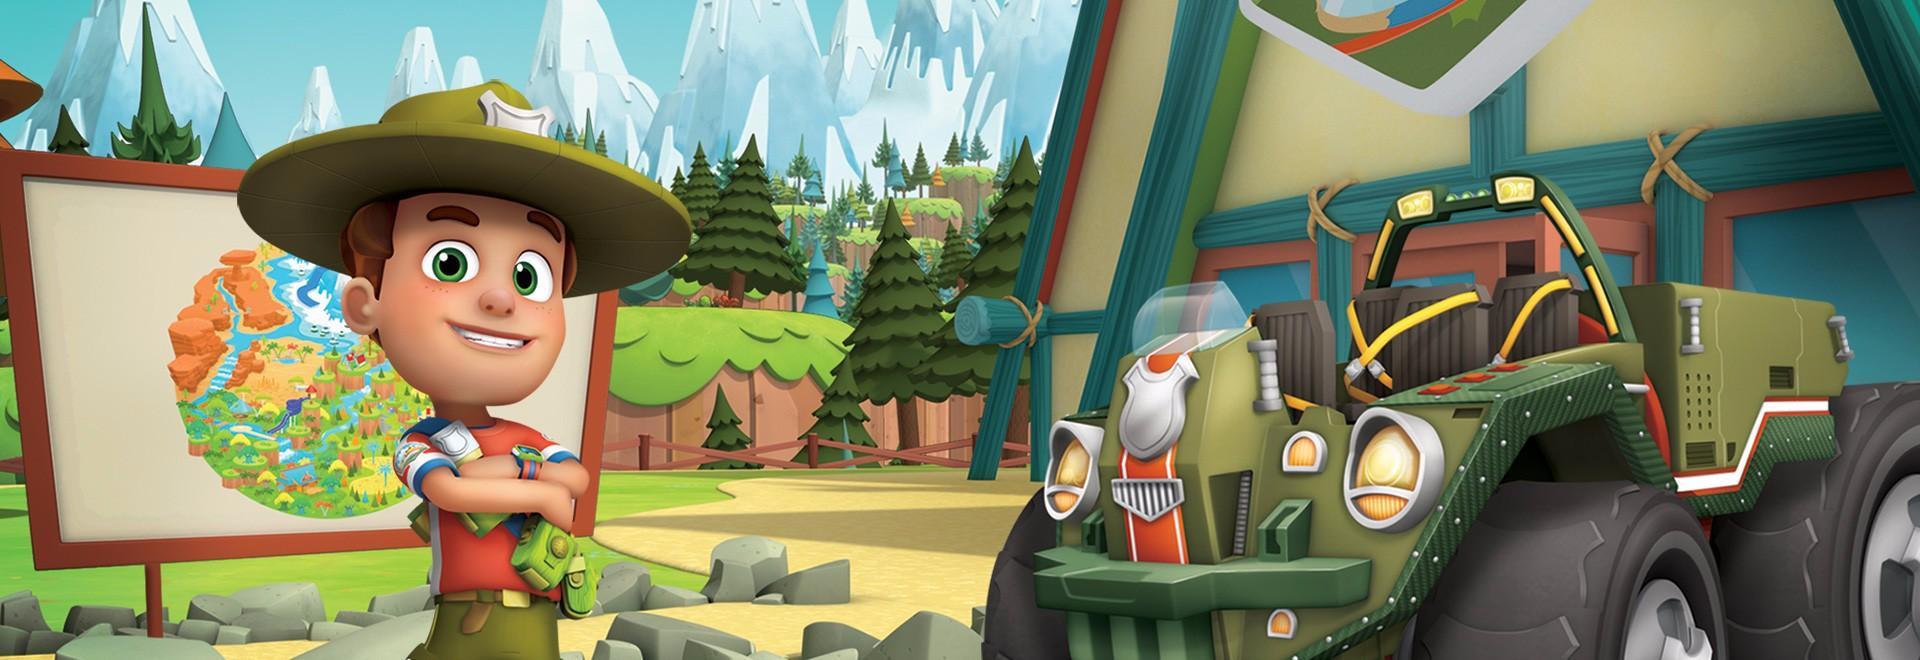 Ranger Rob all'apice dell'avventura / I cuccioli-sitter di Big Sky Park